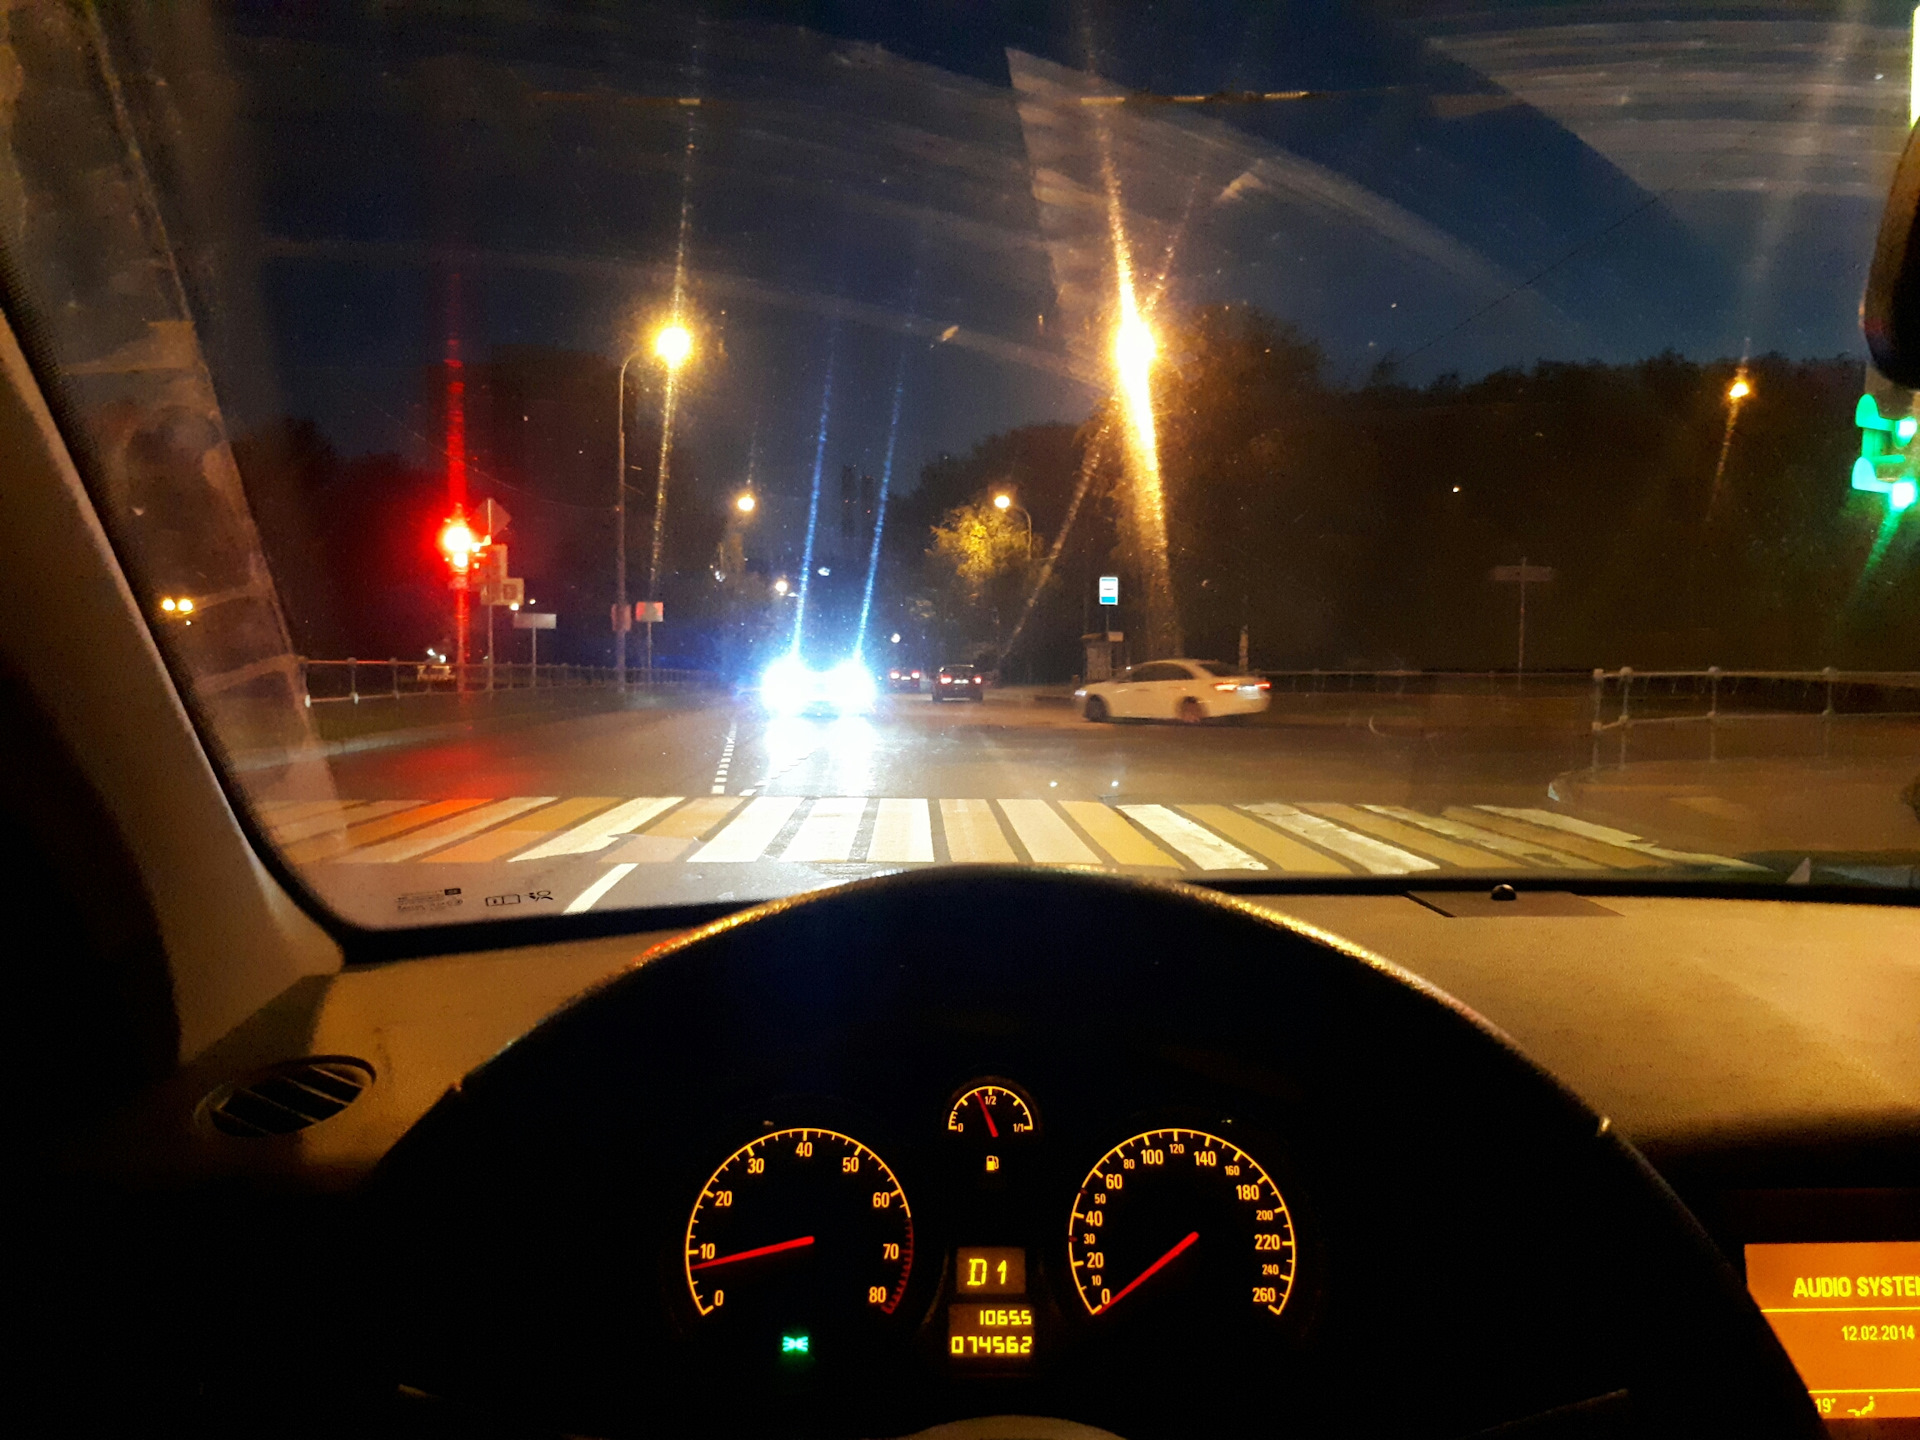 львовна фото ночью из окна автомобиля все ярко